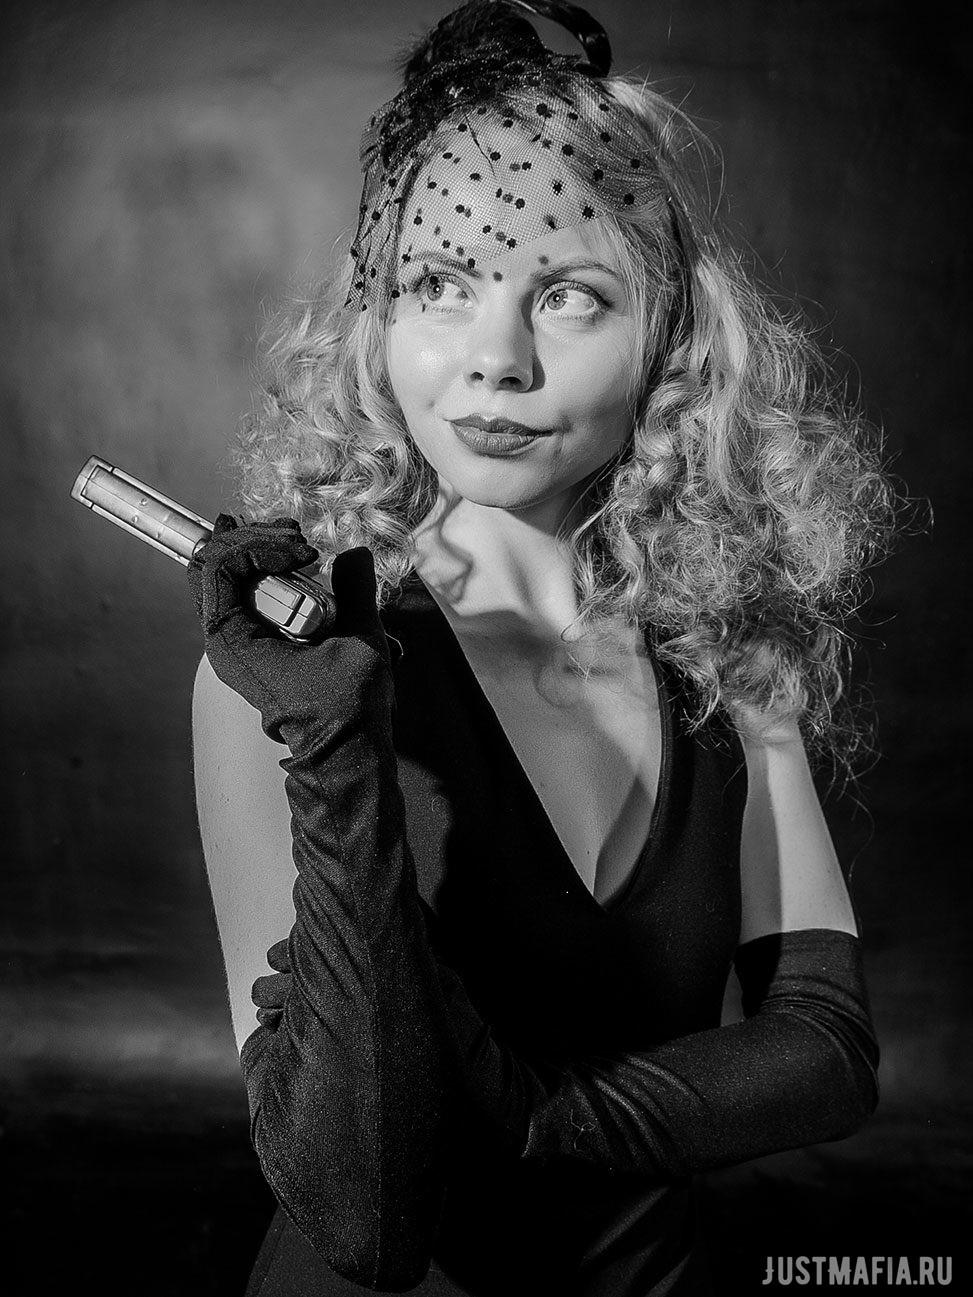 Ведущая Мафии Ольга Дутова с пистолетом